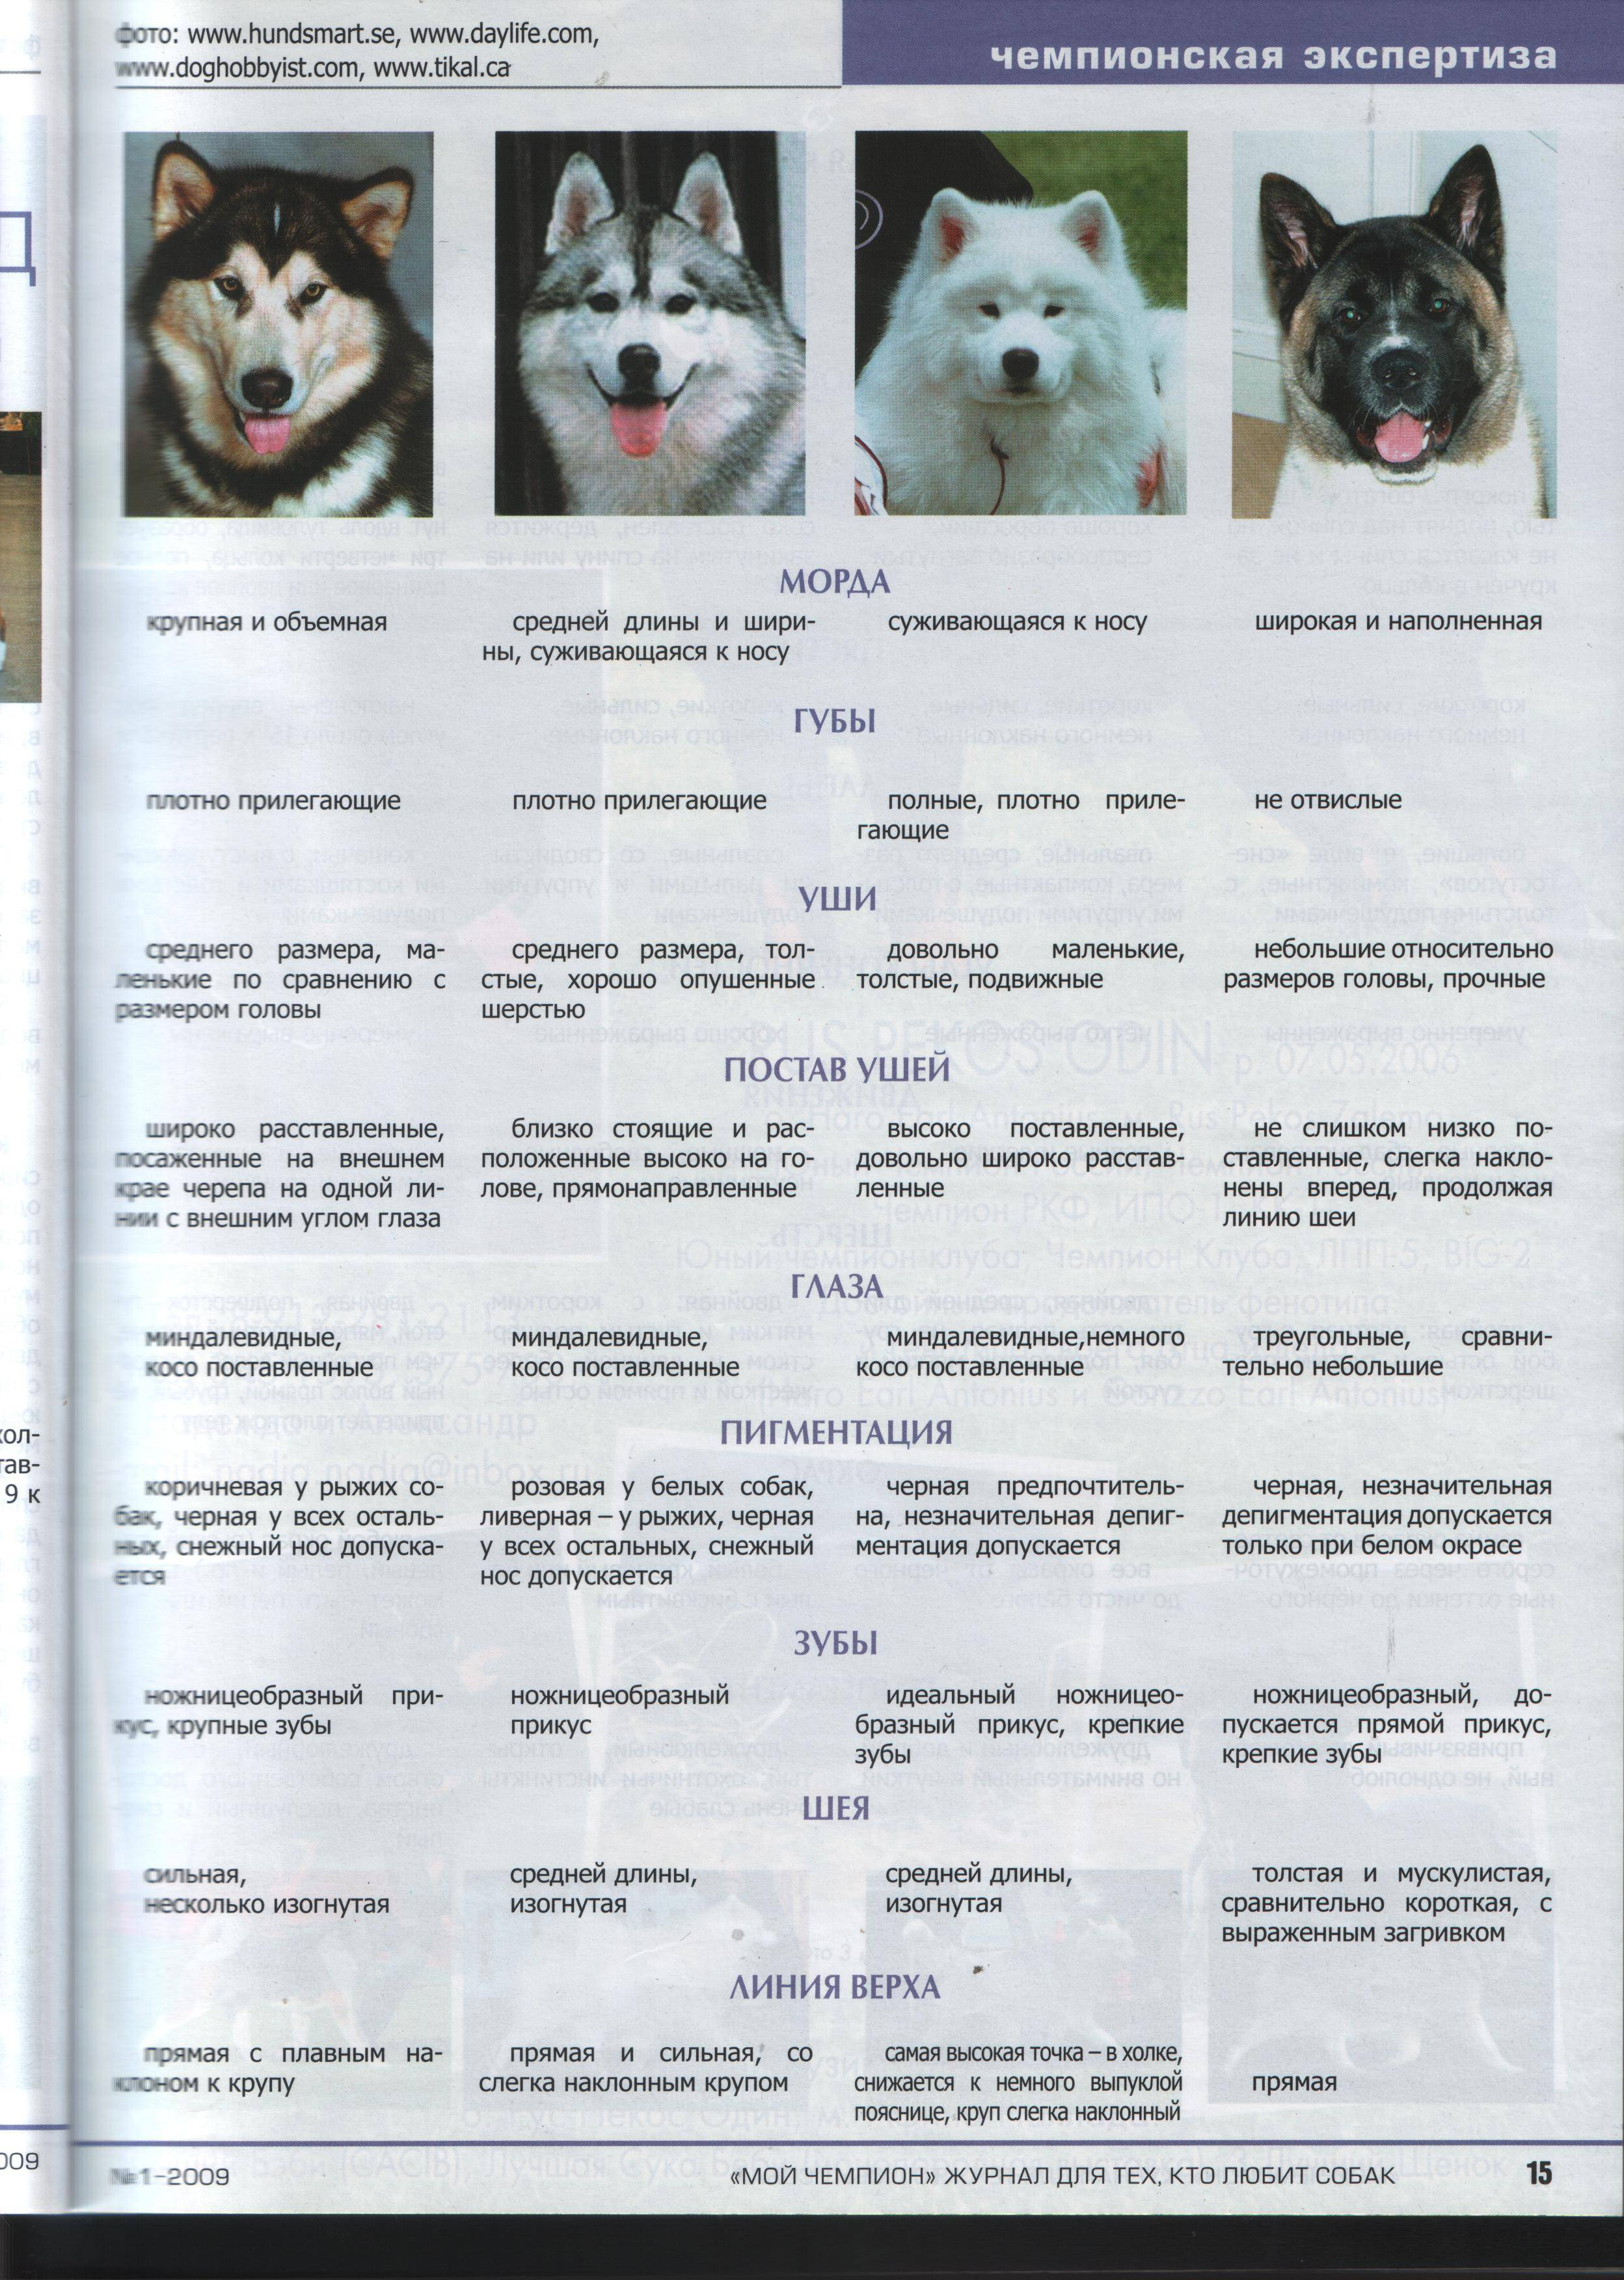 Лайка и хаски: основные отличия между породами с фото